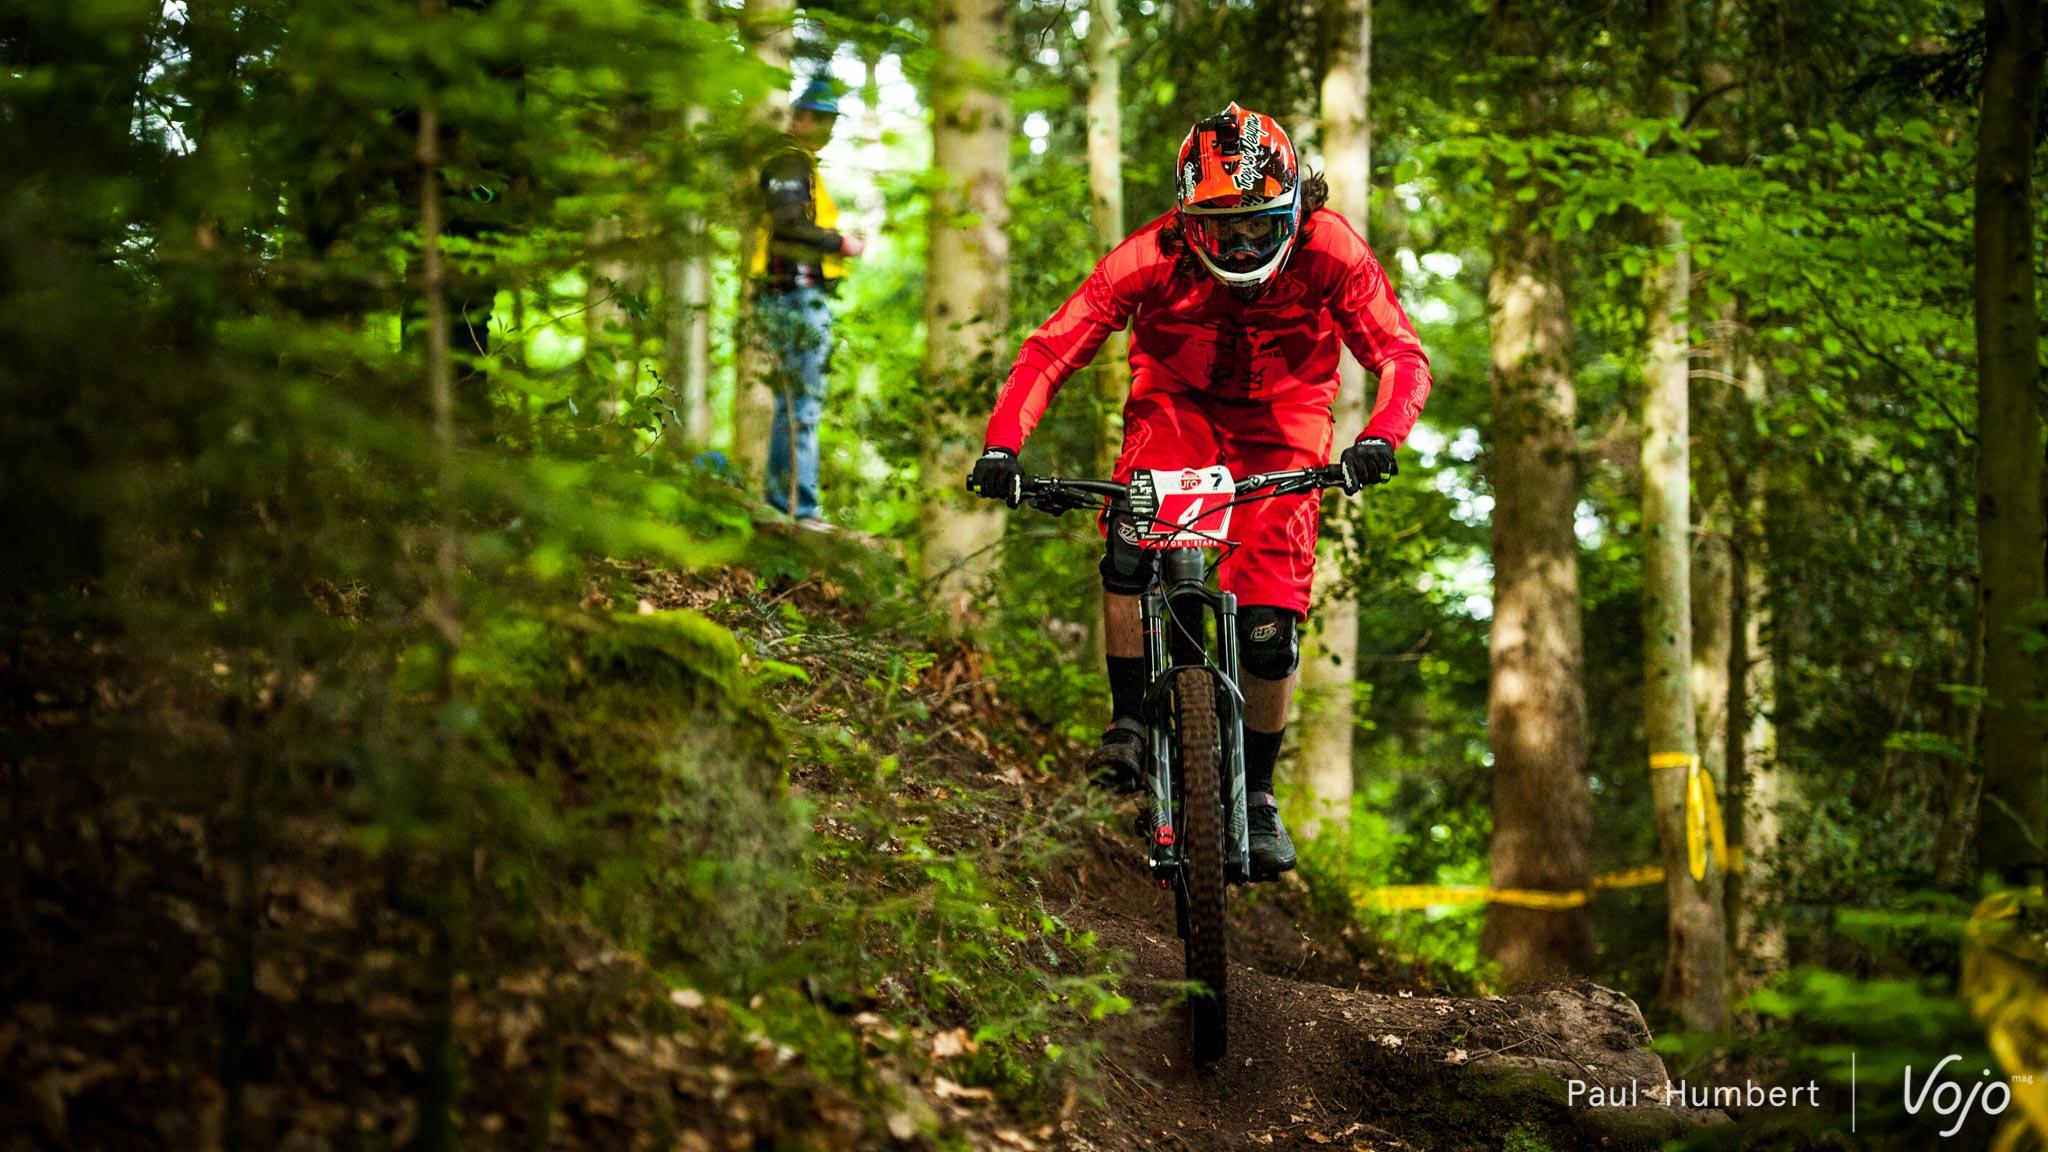 Raon-l-etape-vojo-2016-paul-humbert-22